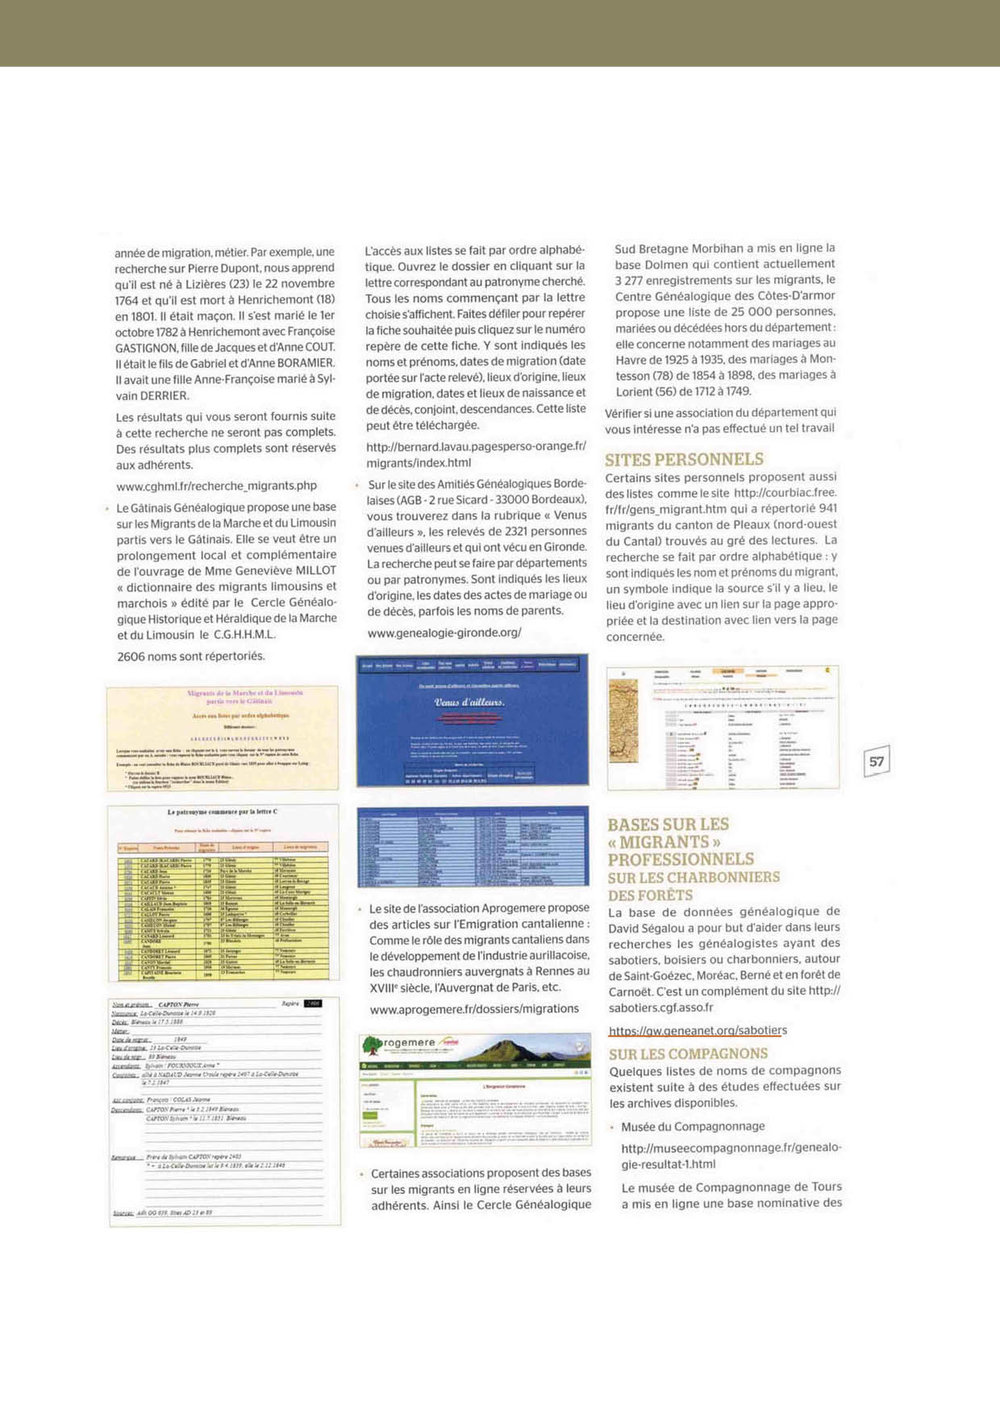 BOOKMEDIA_FEV_WEB17.jpg